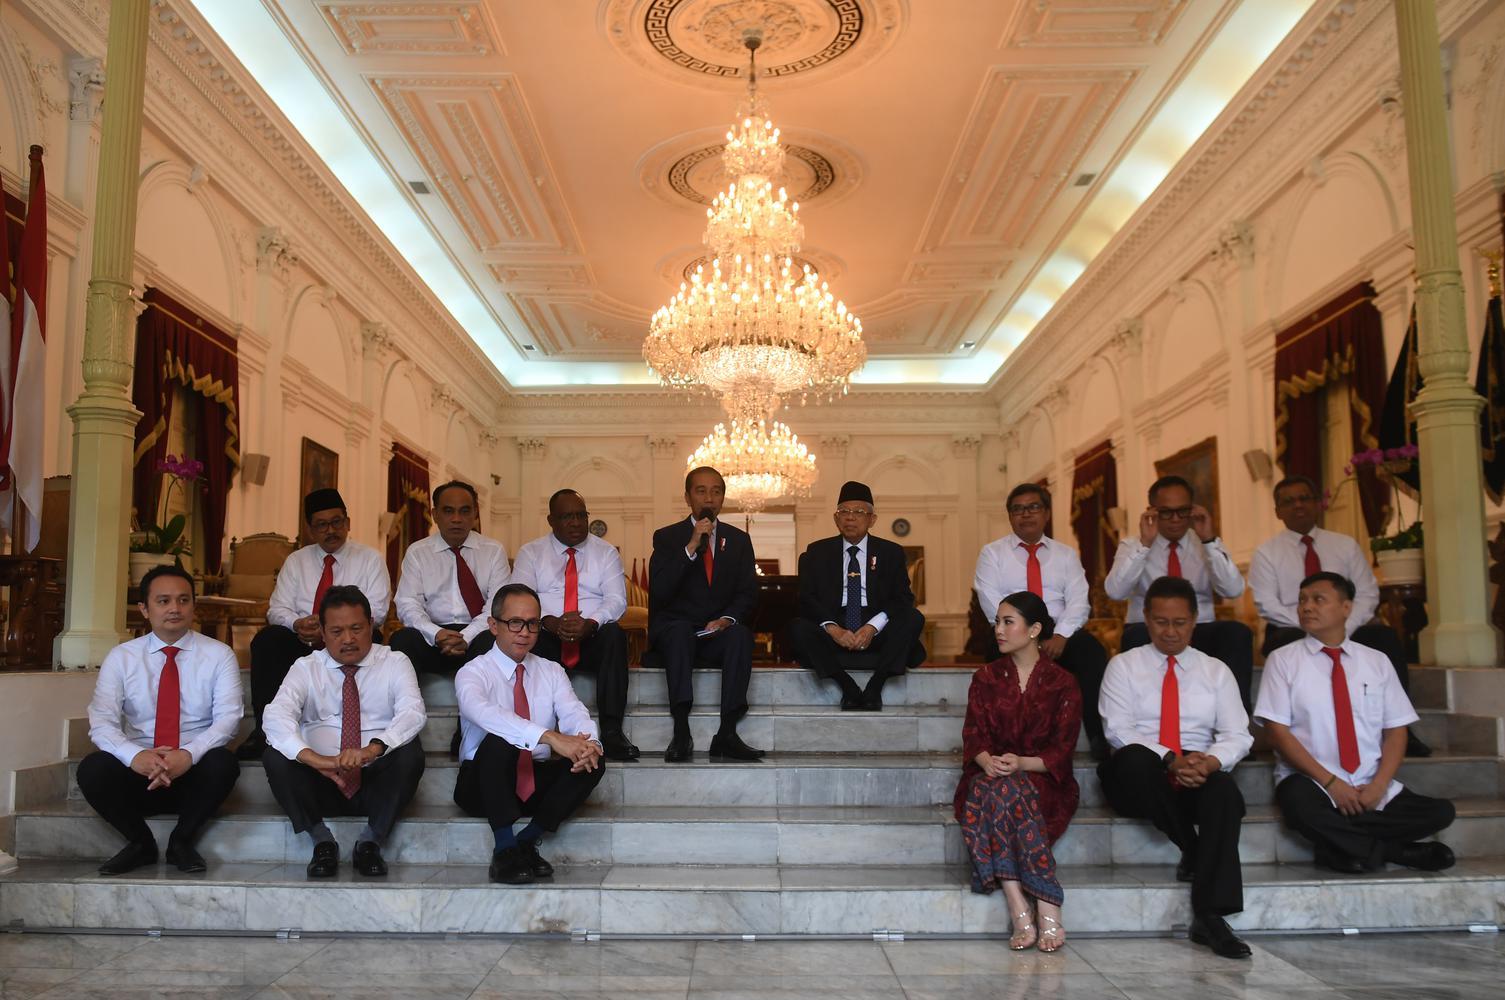 Presiden Joko Widodo (kiri) didampingi Wakil Presiden Ma'ruf Amin (kanan) memperkenalkan calon-calon wakil menteri Kabinet Indonesia Maju sebelum acara pelantikan di Istana Merdeka, Jakarta, Jumat (25/10/2019).